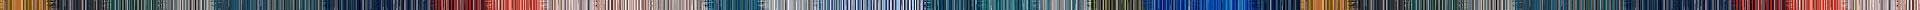 banner_string2.jpg